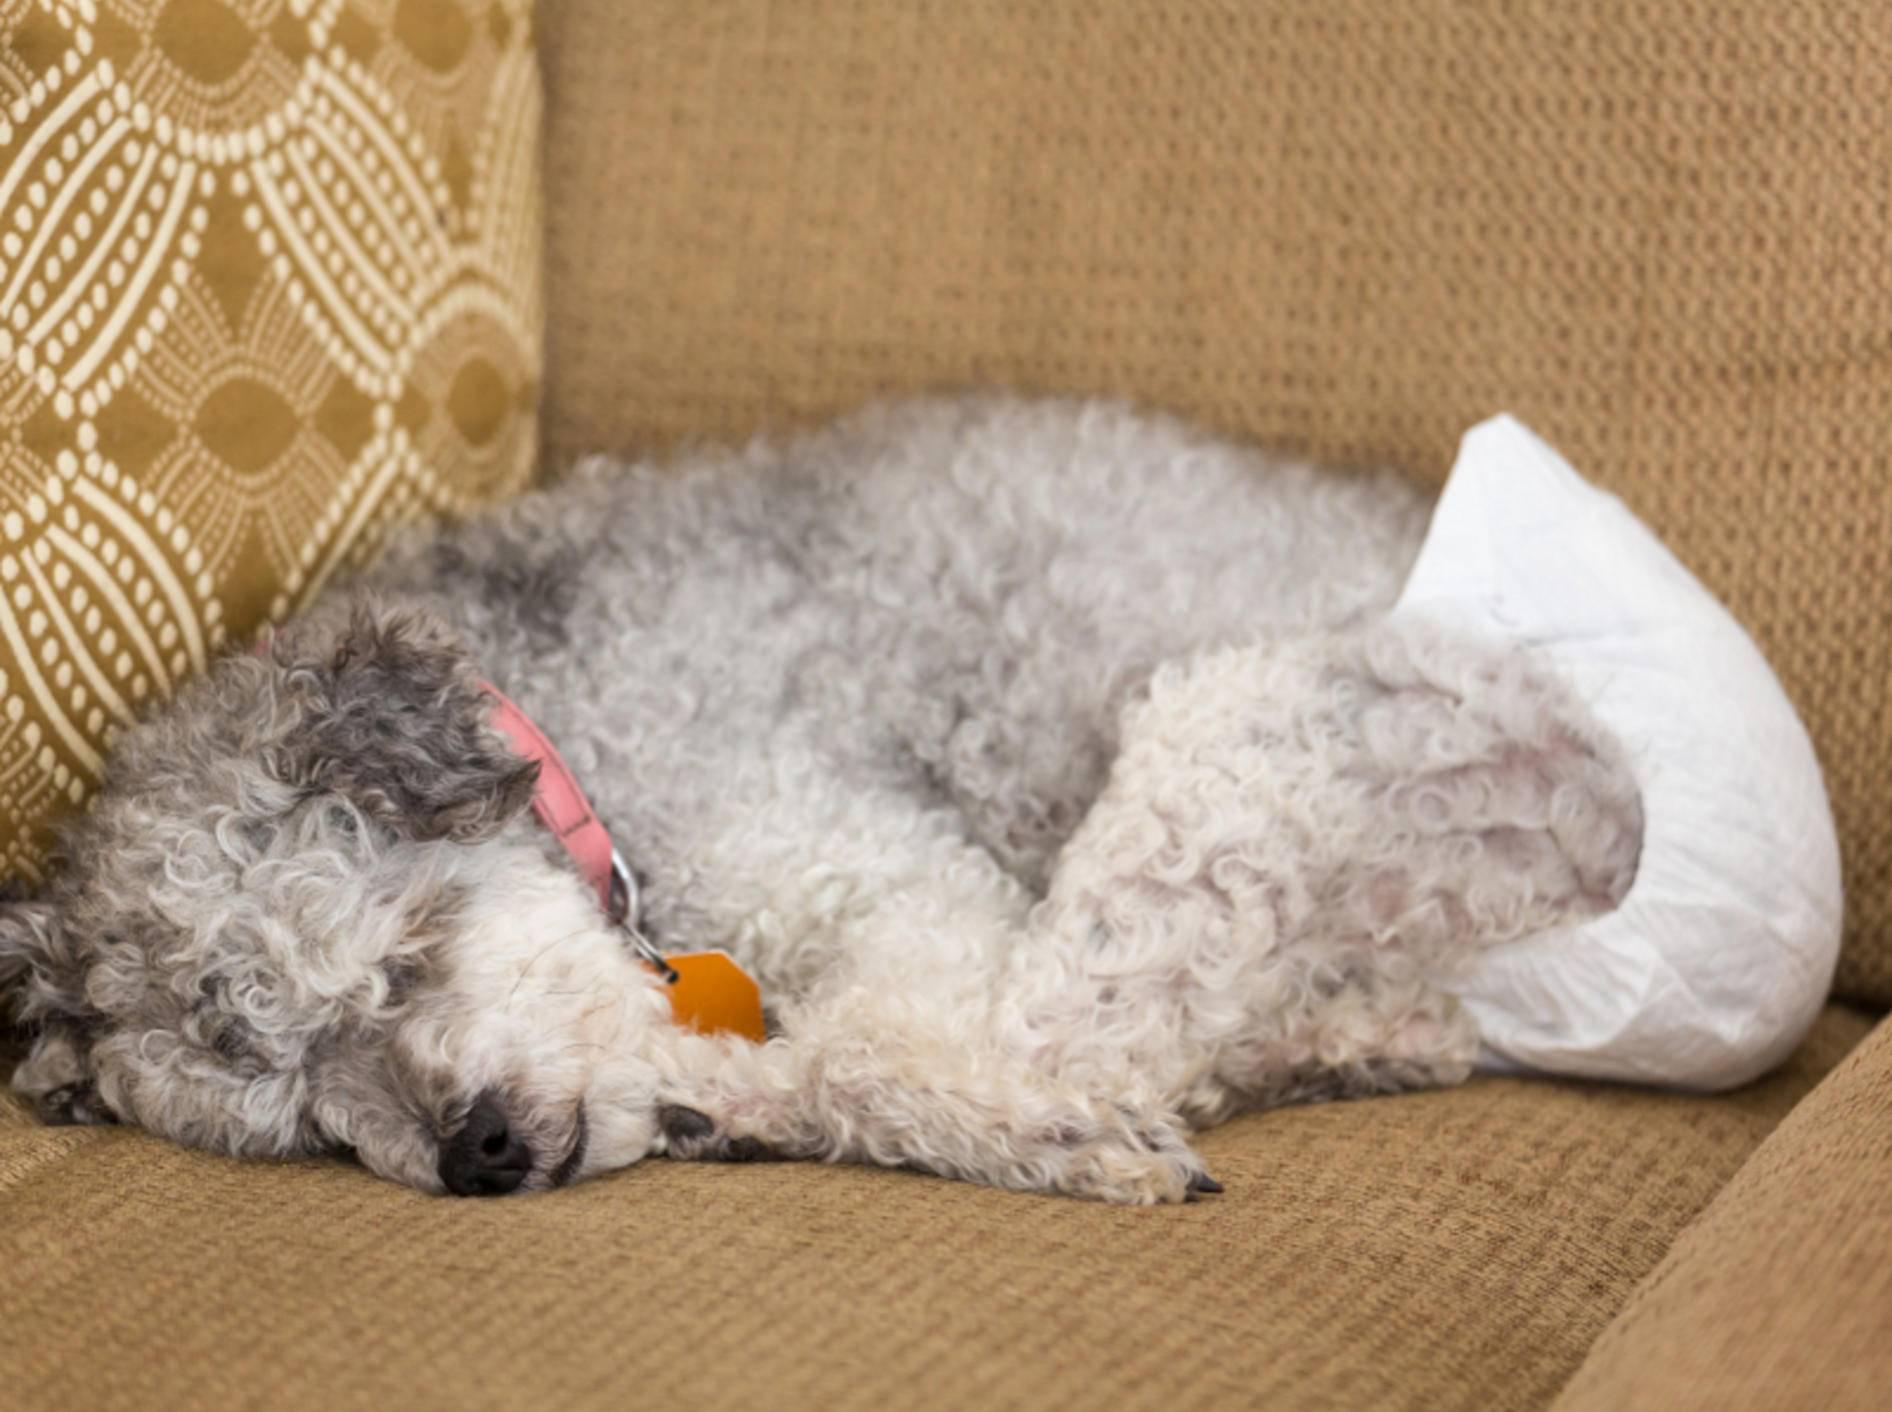 Spezielle Windeln für Hunde vermeiden ärgerliche Urinflecken in der Wohnung – Shutterstock / Steve Heap